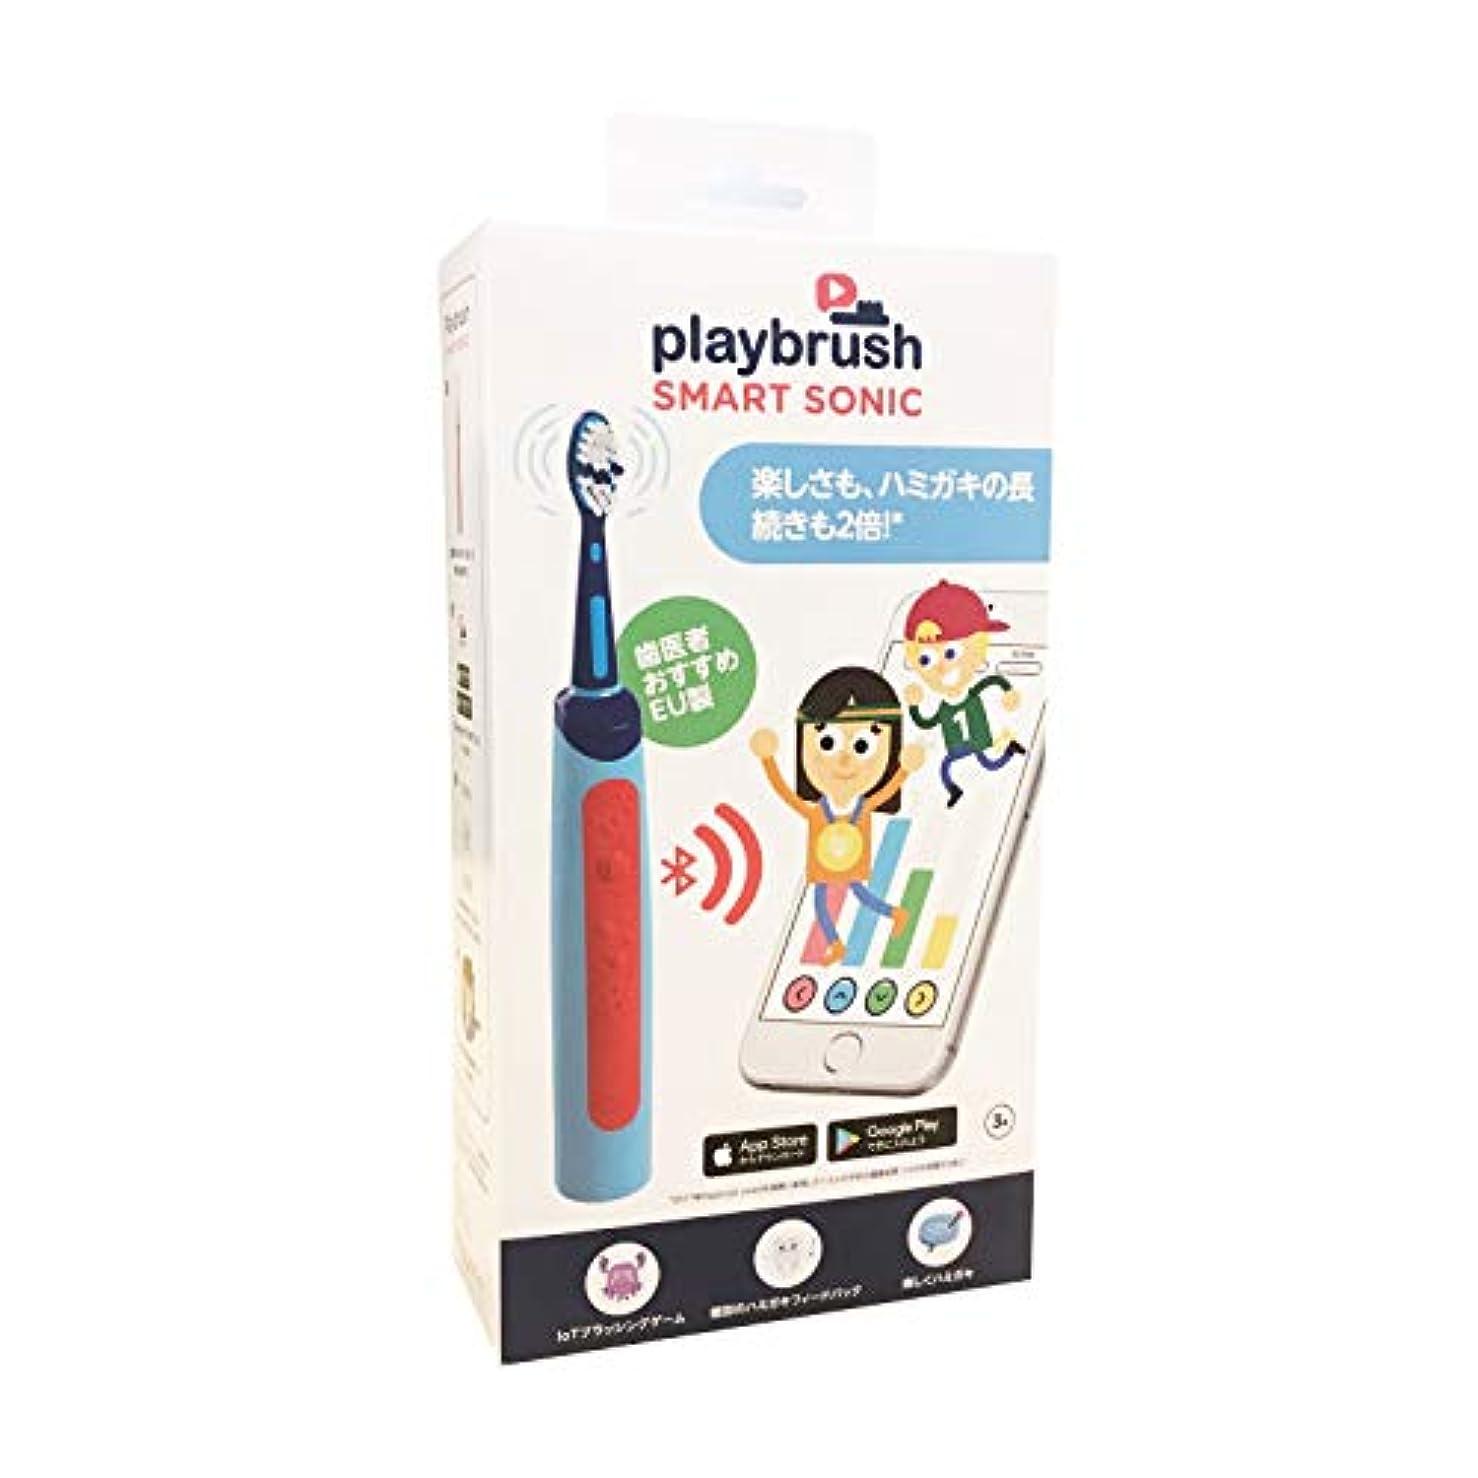 奪う洗う極小【ヨーロッパで開発されたゲームができる子供用歯ブラシ】プレイブラッシュ スマート ソニック Playbrush Smart Sonic 子供用電動歯ブラシ 子供用